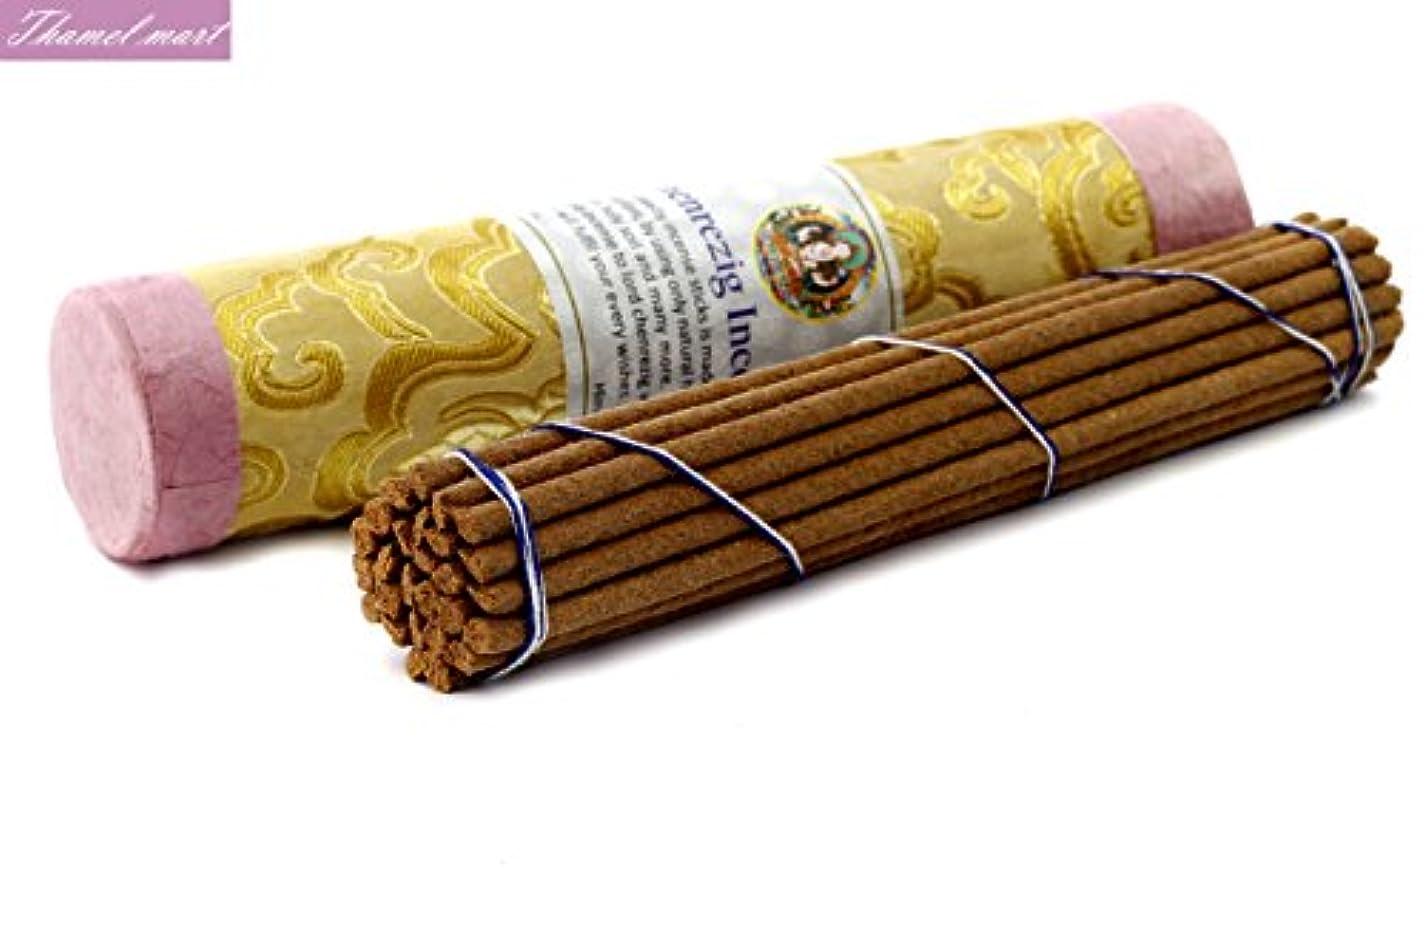 干渉後大惨事chenrezing Tibetan Incense Sticks – Spiritual & Medicinal Relaxation Potpourrisより – 効果的& Scented Oils